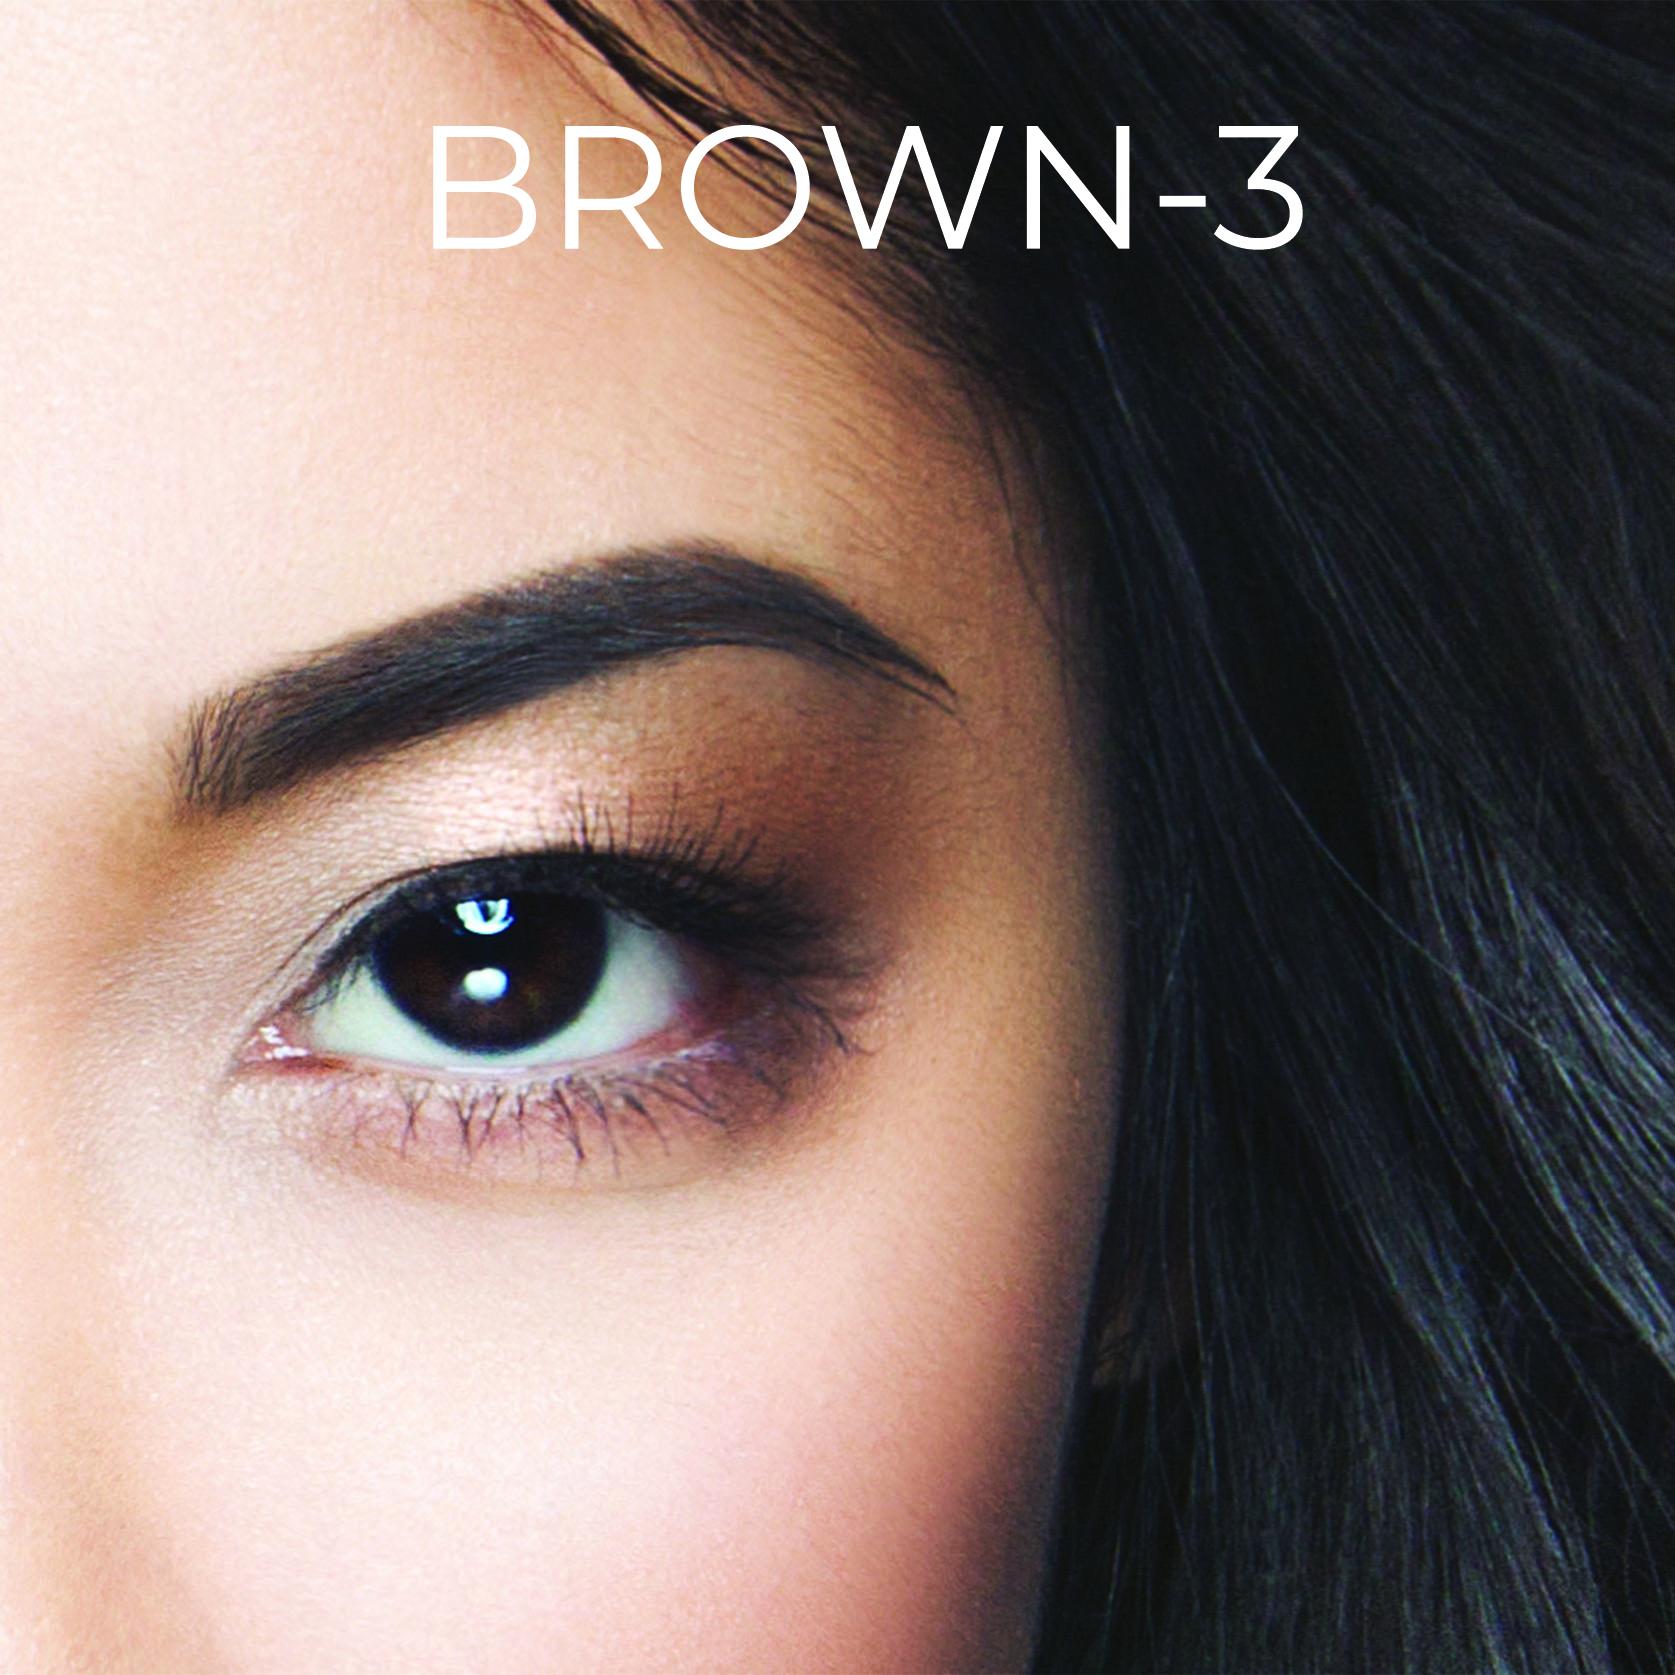 BROWN-3.jpg